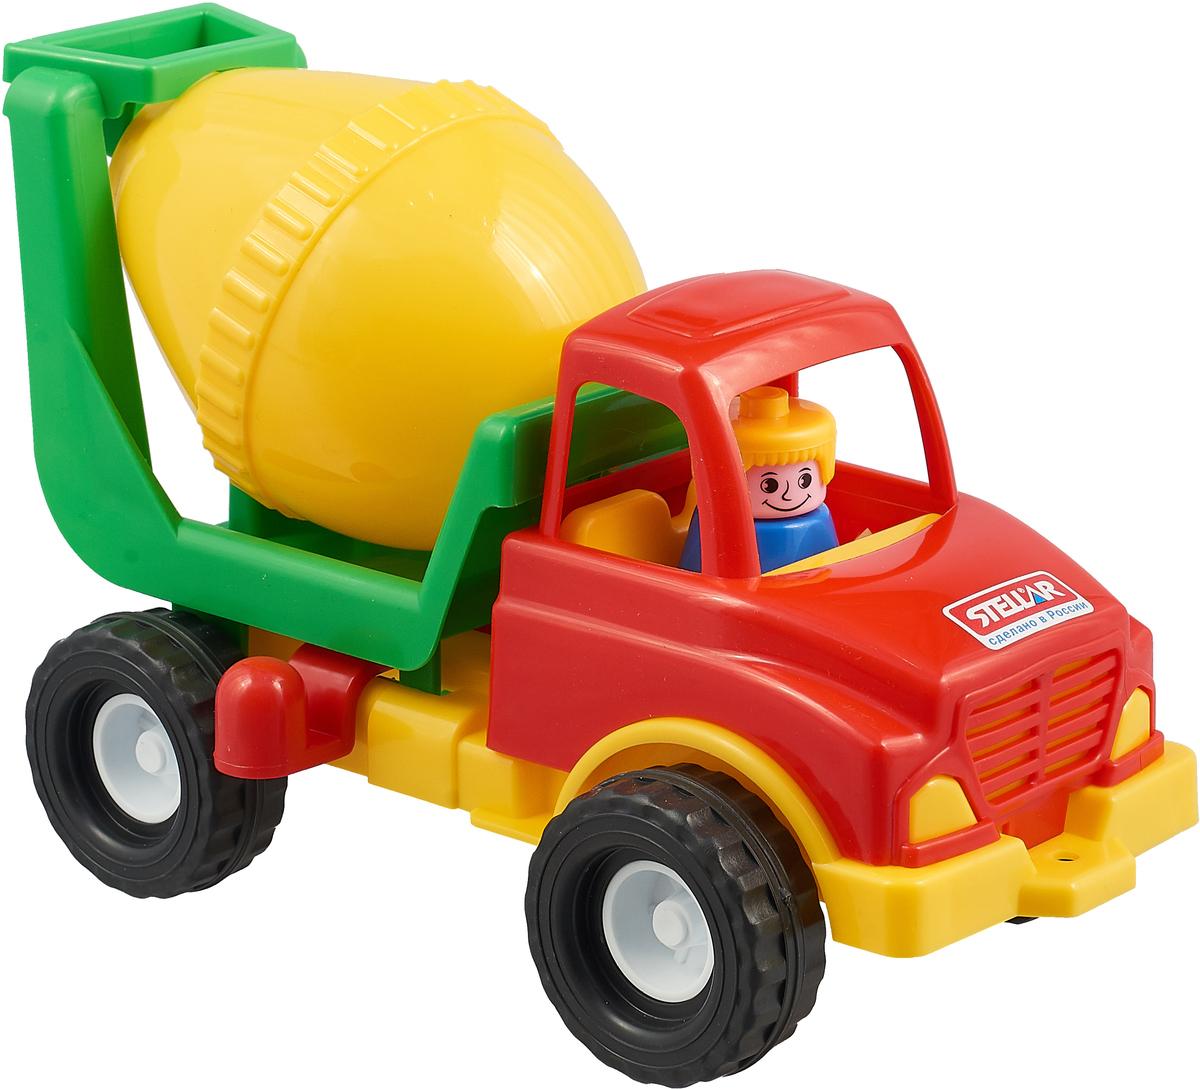 Stellar Игрушка для песочницы Бетономешалка красный,желтый,зеленый конструктор lego 60172 погоня по грунтовой дороге 297 элементов